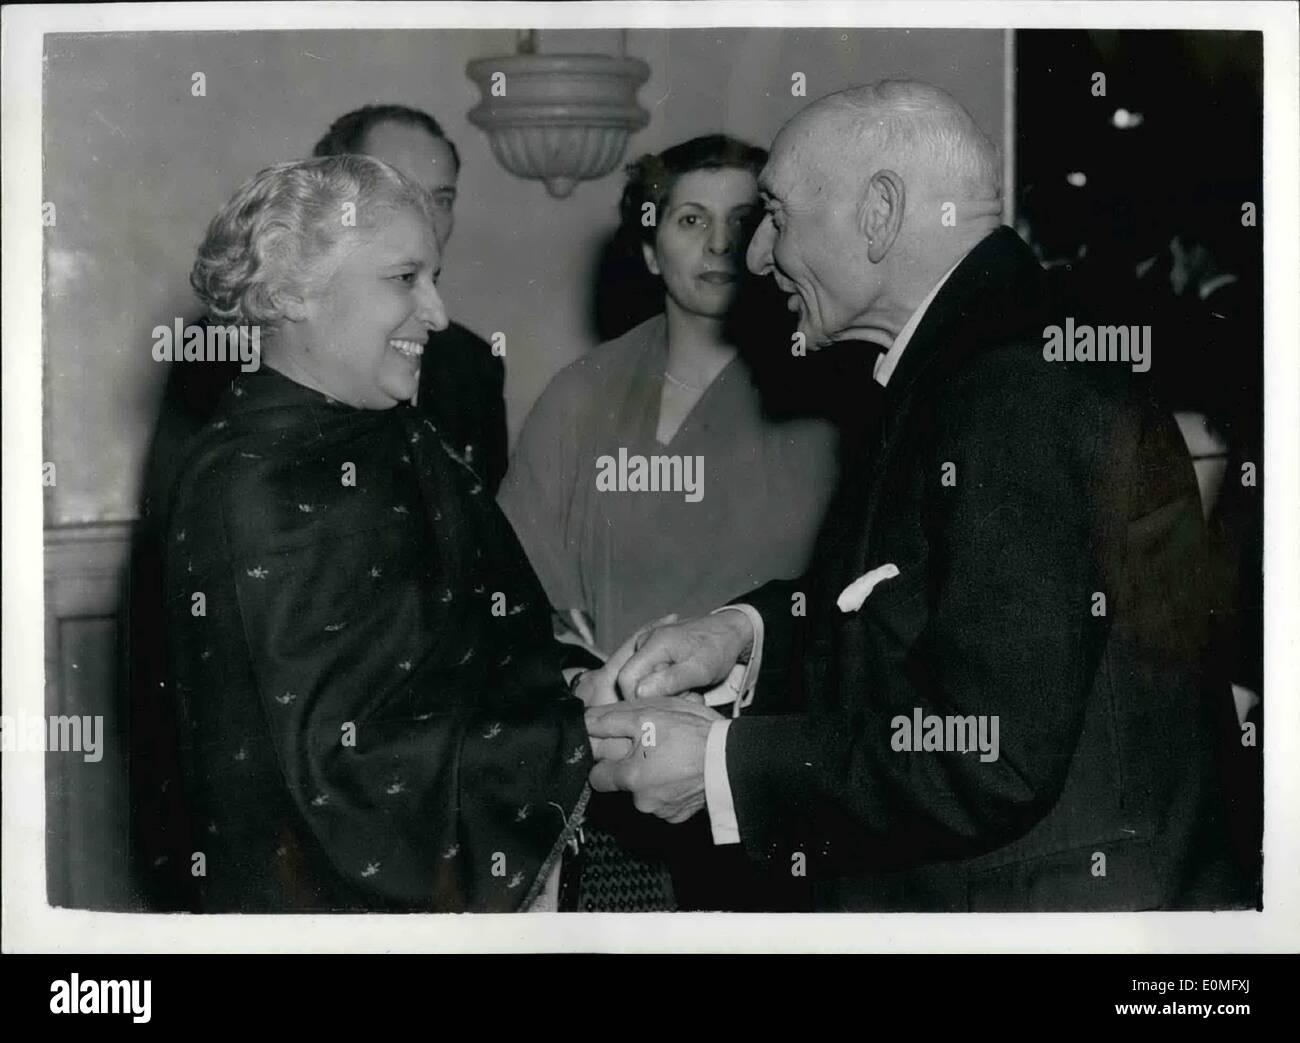 01 janvier 1955 - Réception pour Mme Pandit: une réception en l'honneur de Mme Pandit, le nouveau Haut Commissaire, a été donnée par la Ligue de l'Inde à Caxton Hall de Westminster hier soir. Sur la photo, Mme Pandit vu 83 ans salutation Seigneur Pethick-Lawrence, à la réception d'hier soir. Banque D'Images